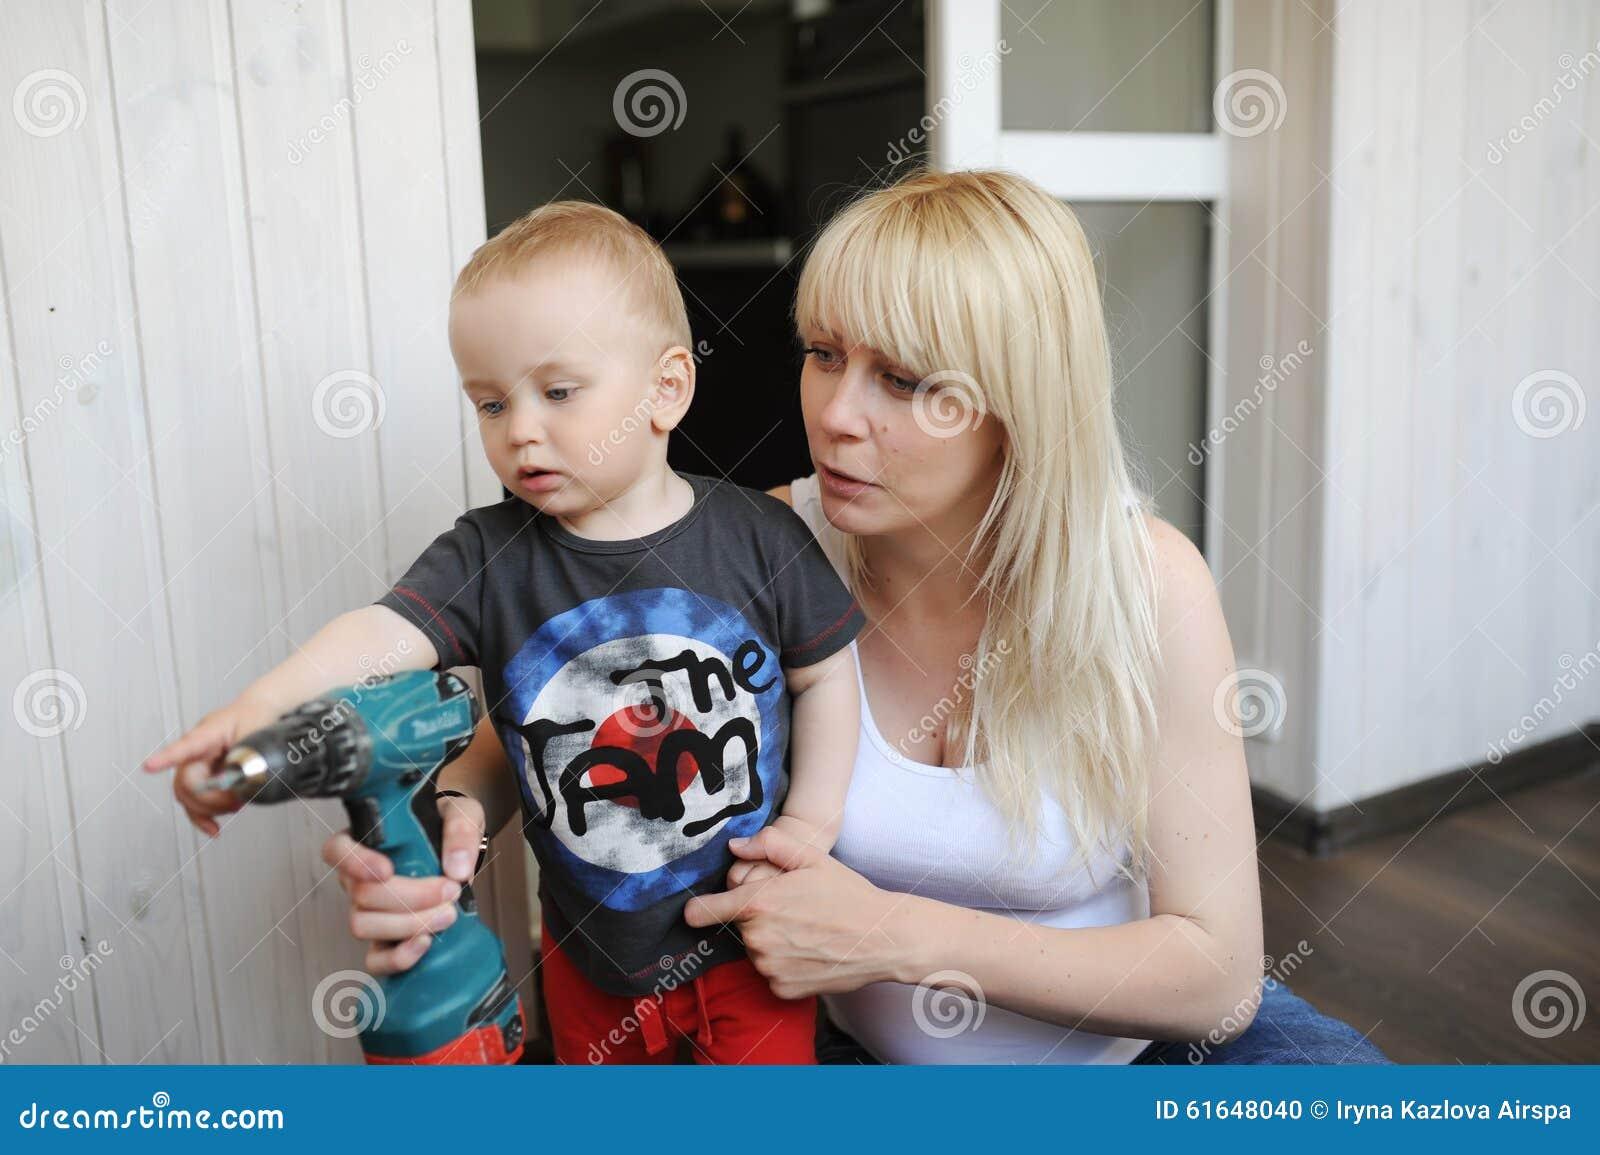 怀孕的母亲显示给小儿子为镇压的工具